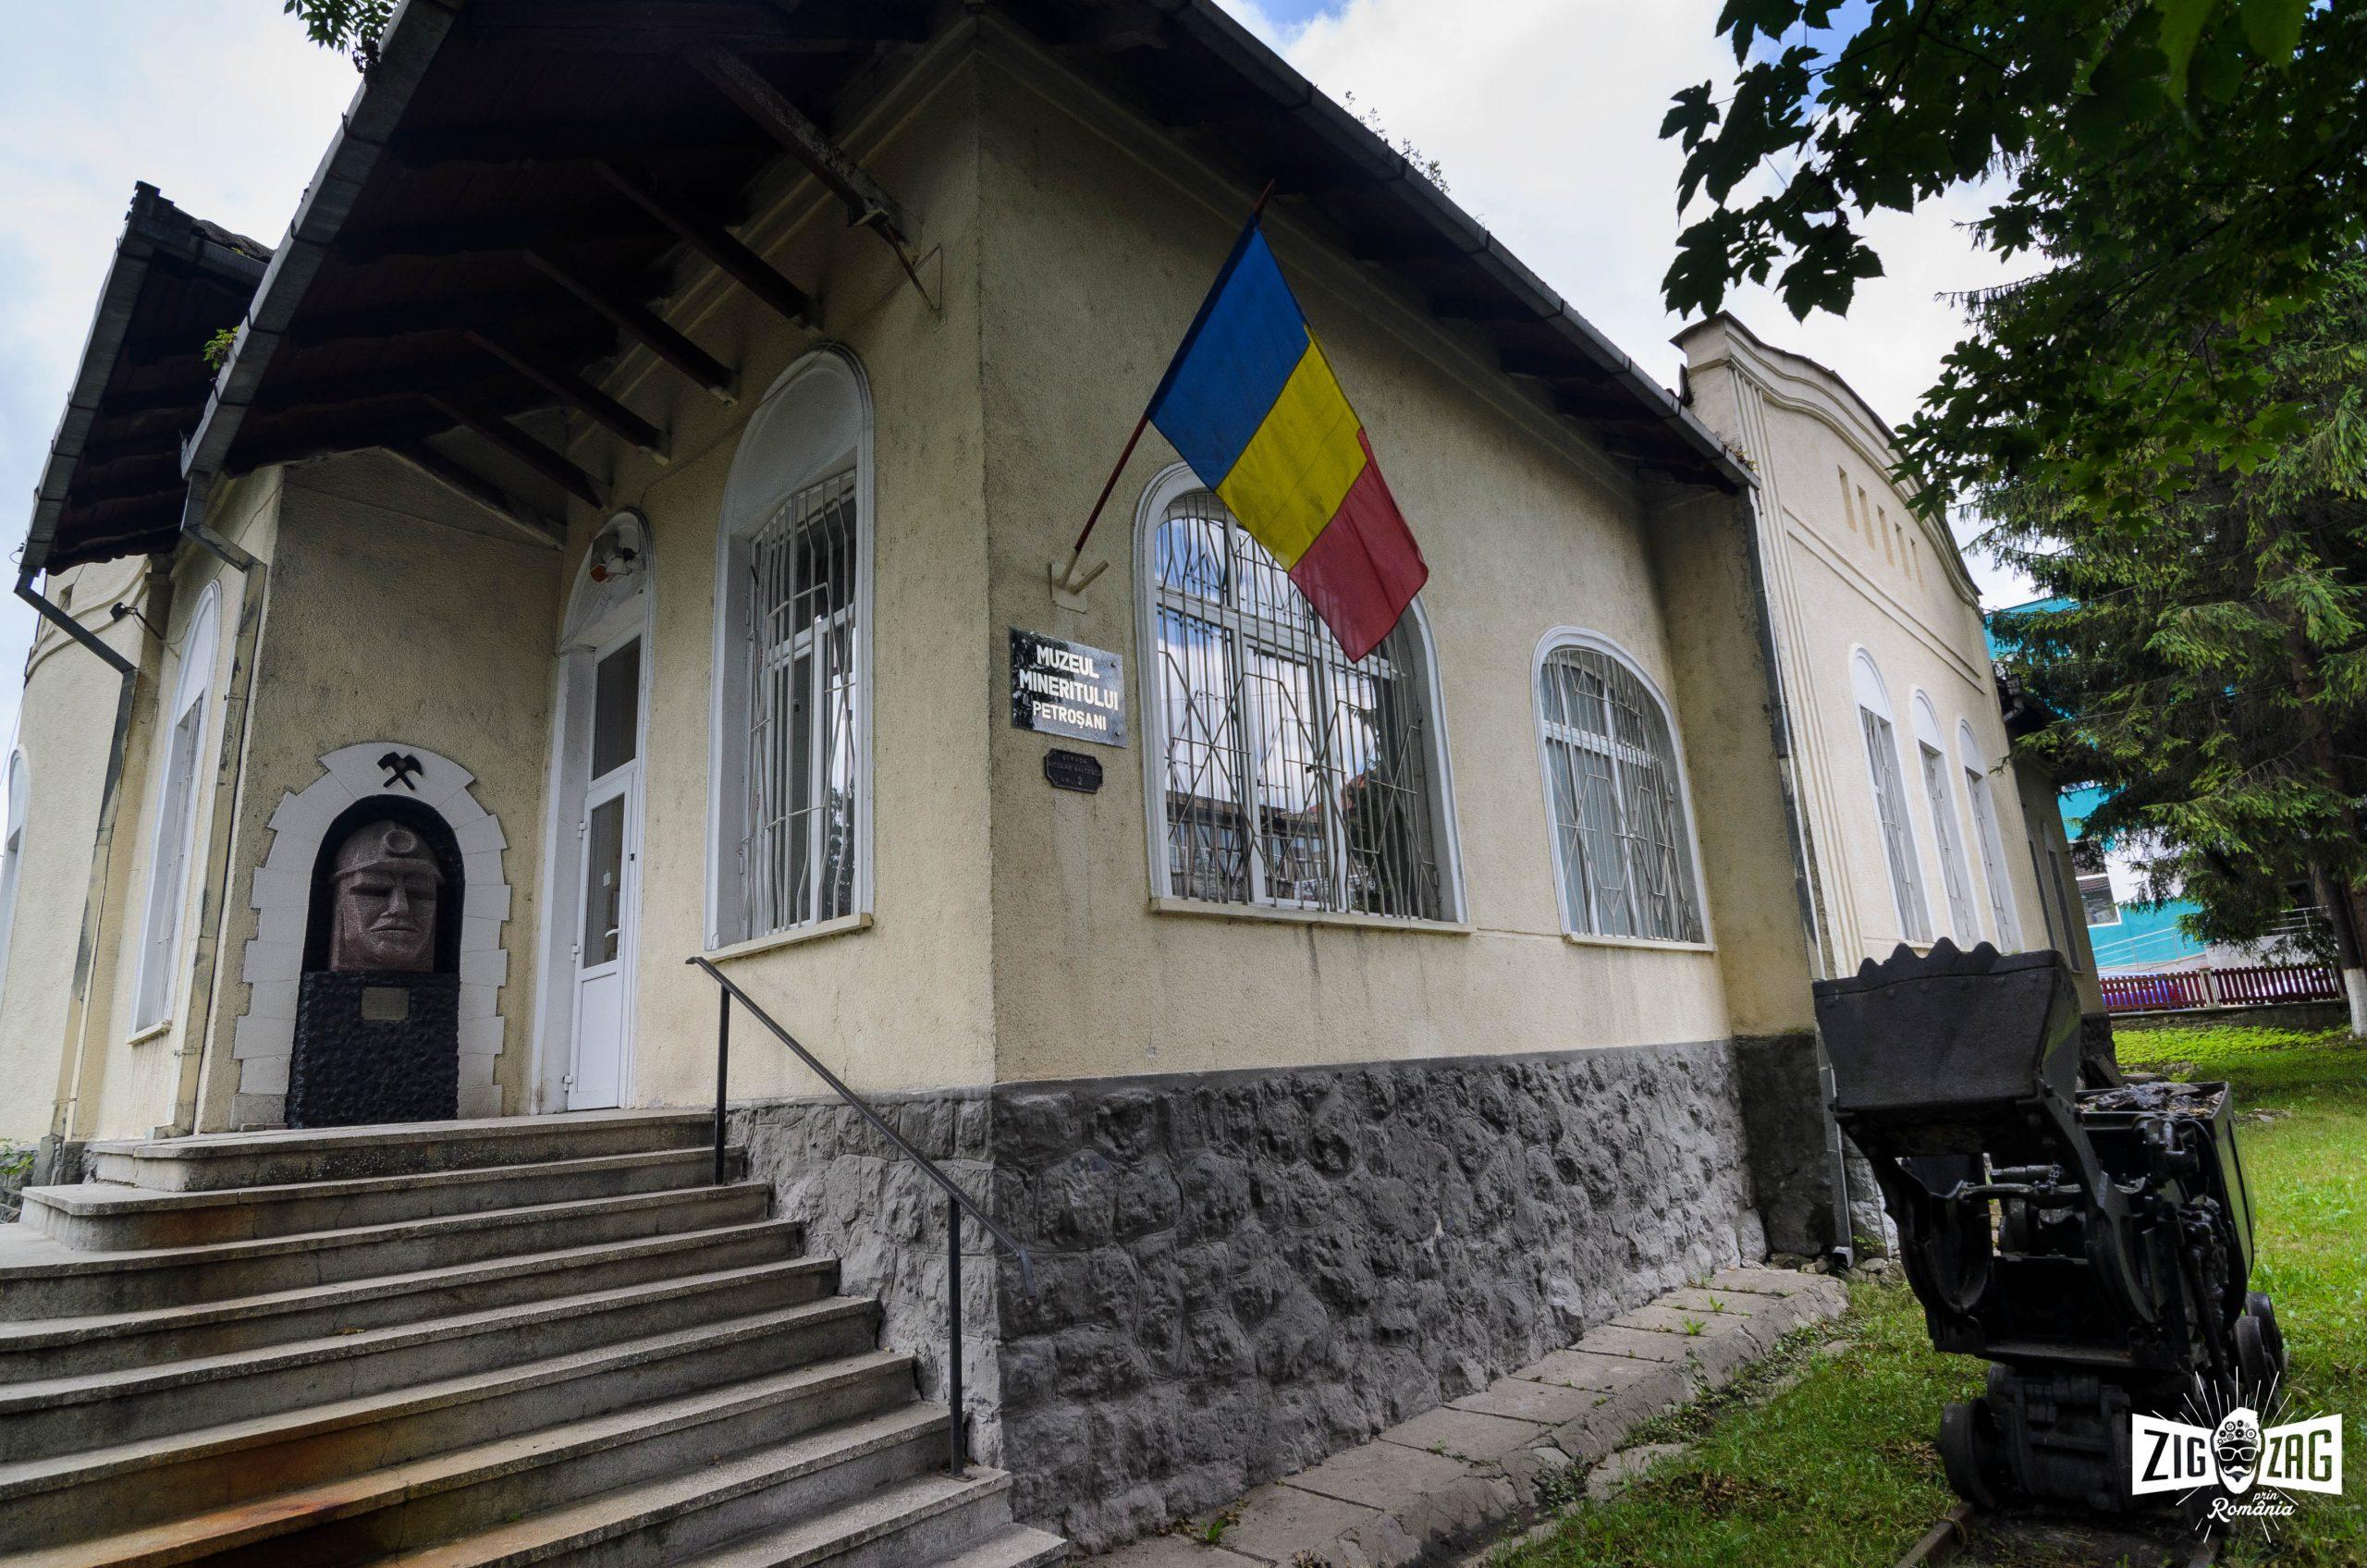 Muzeul Mineritului judetul Hunedoara 2